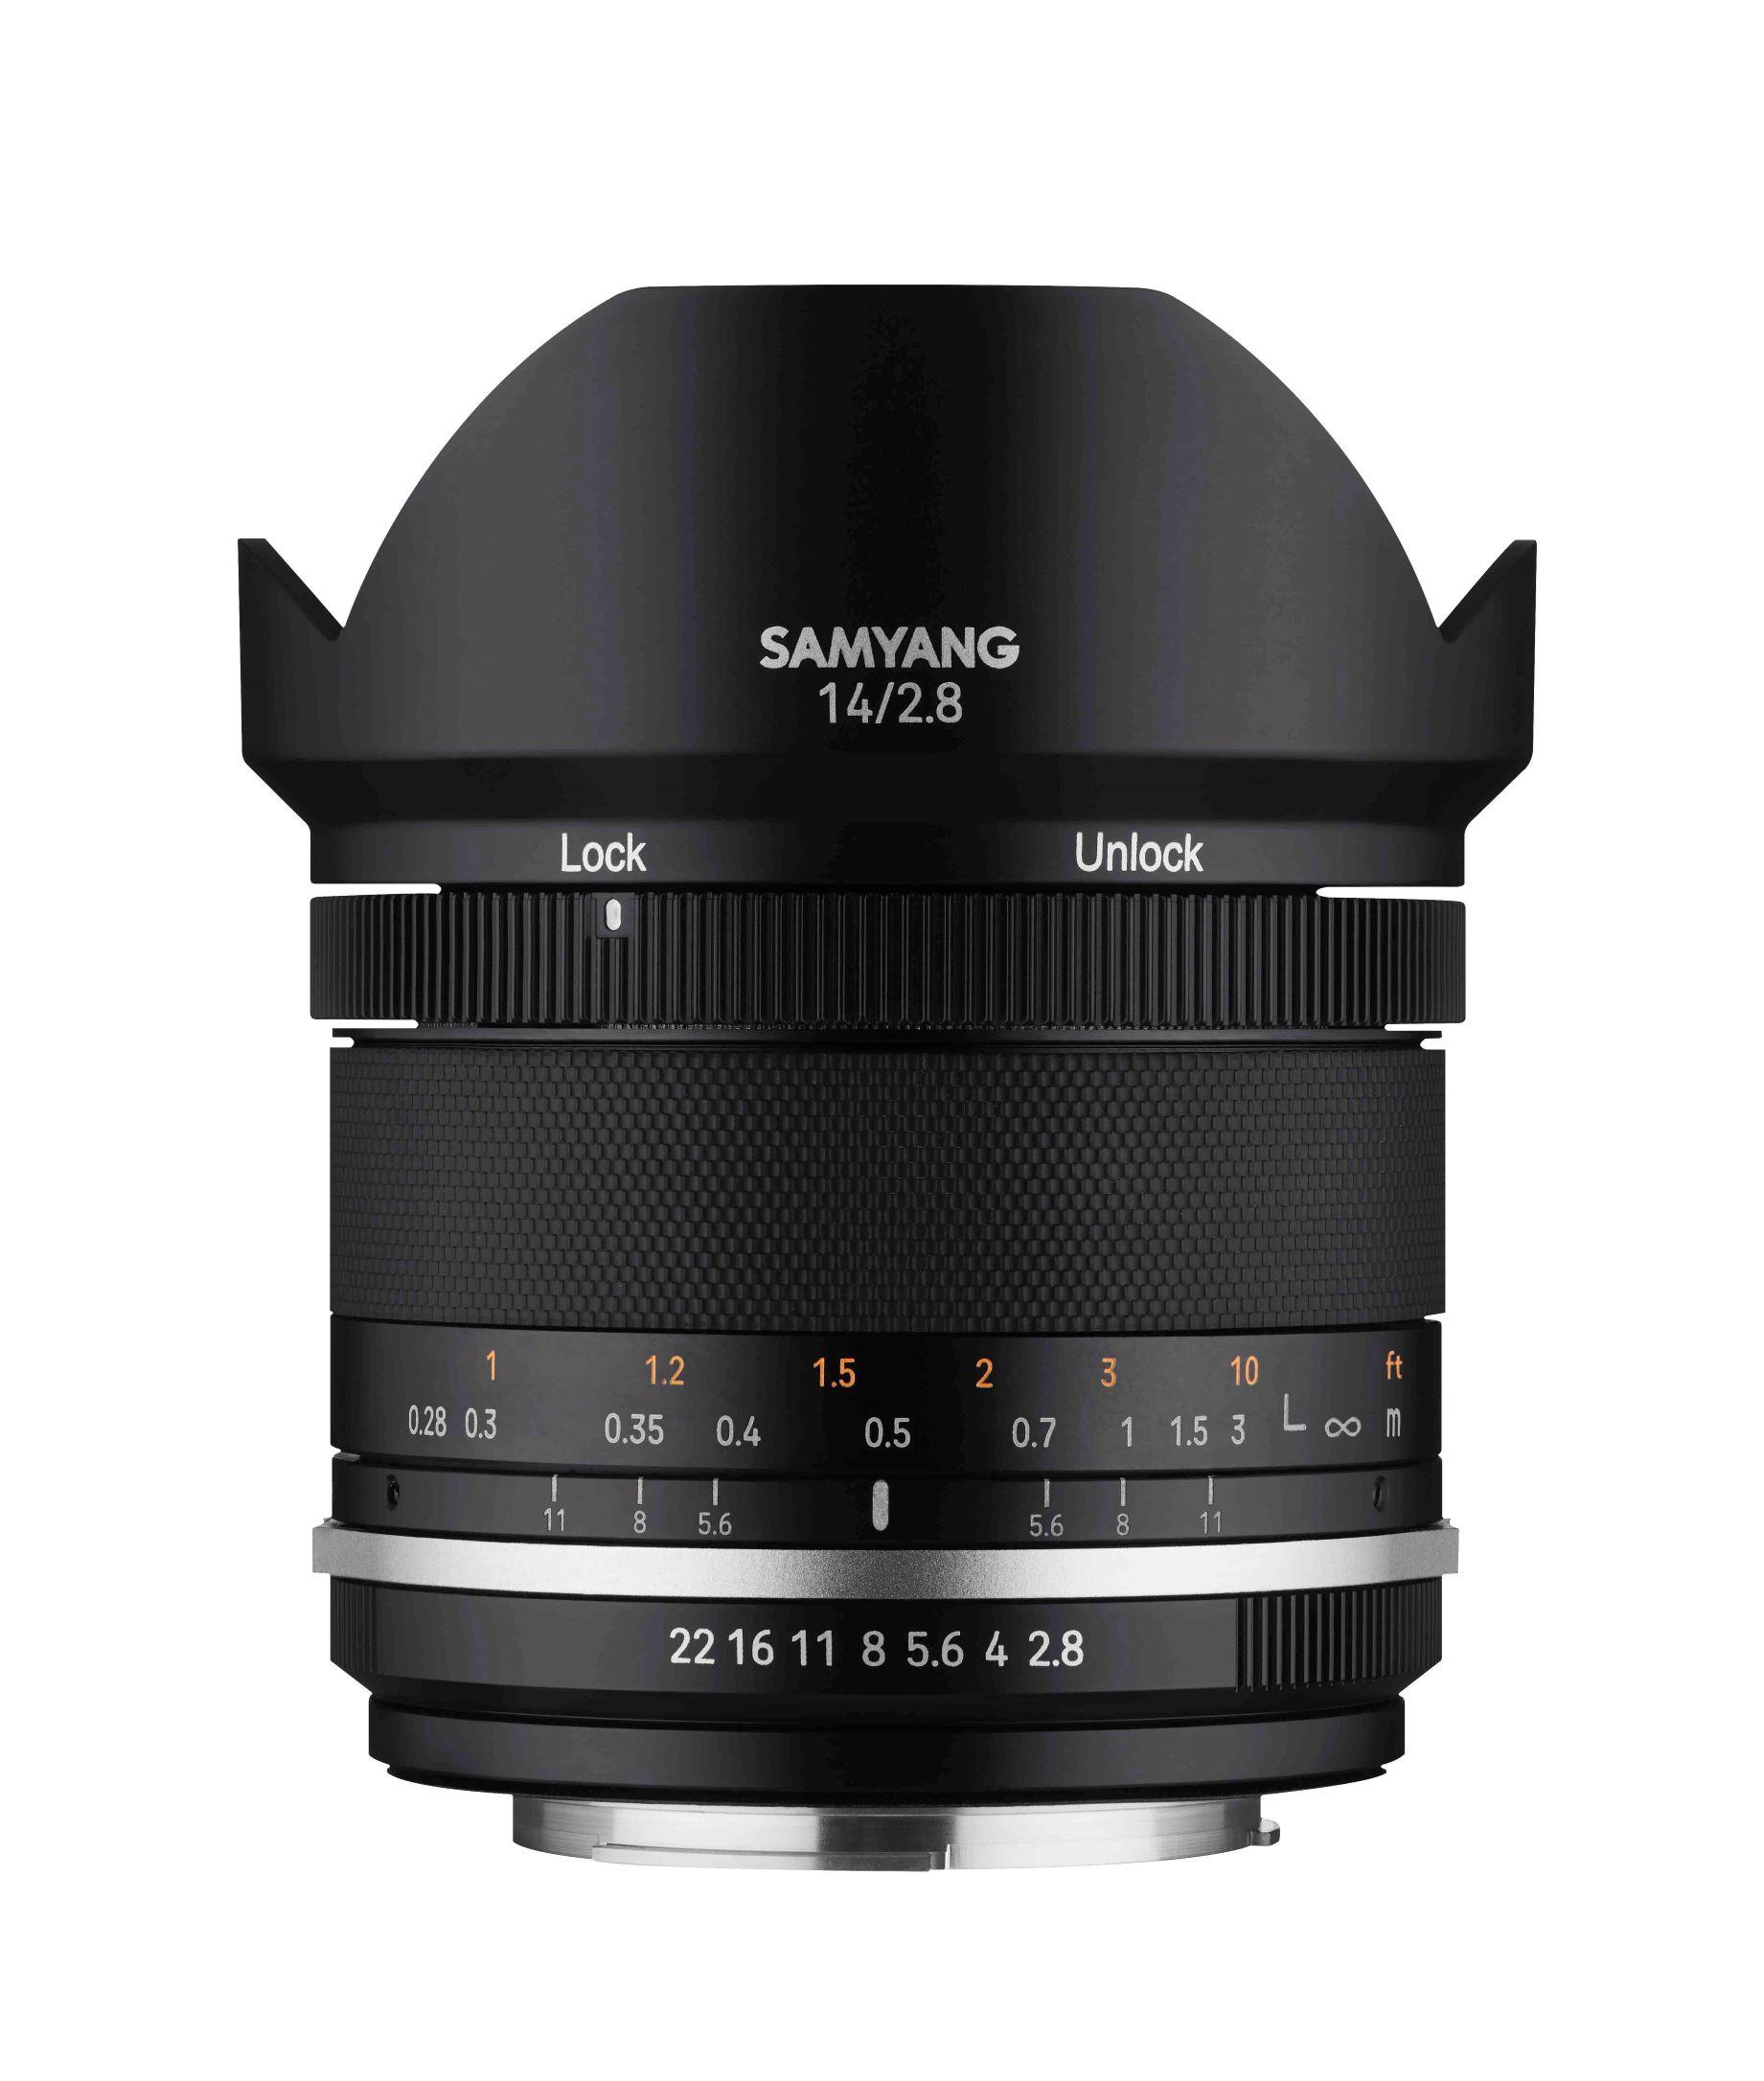 Samyang MF 14mm F2.8 Renewal